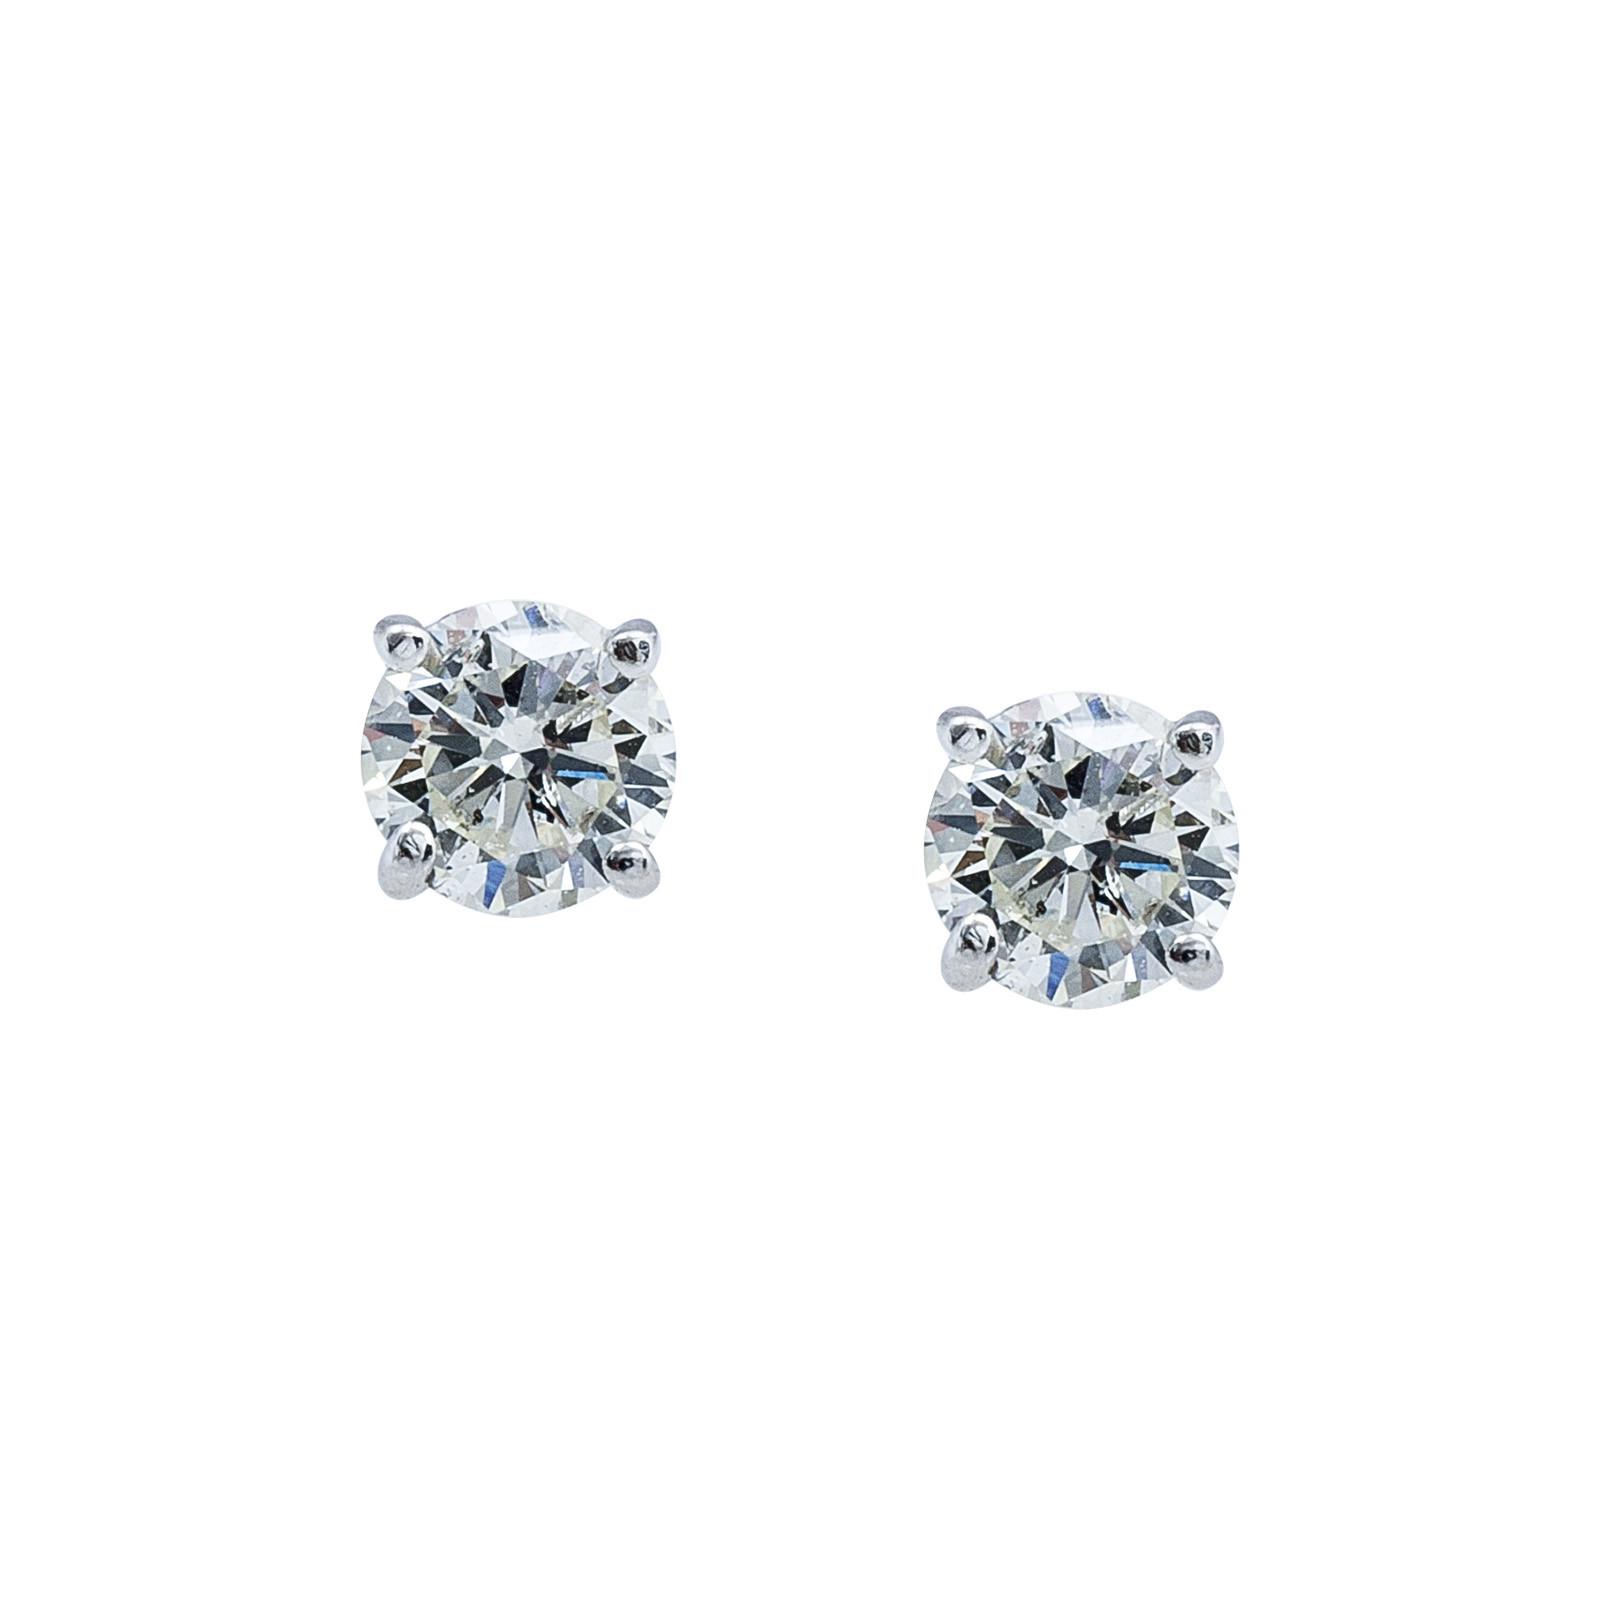 Vintage 1.06 CTW Diamond Stud Earrings